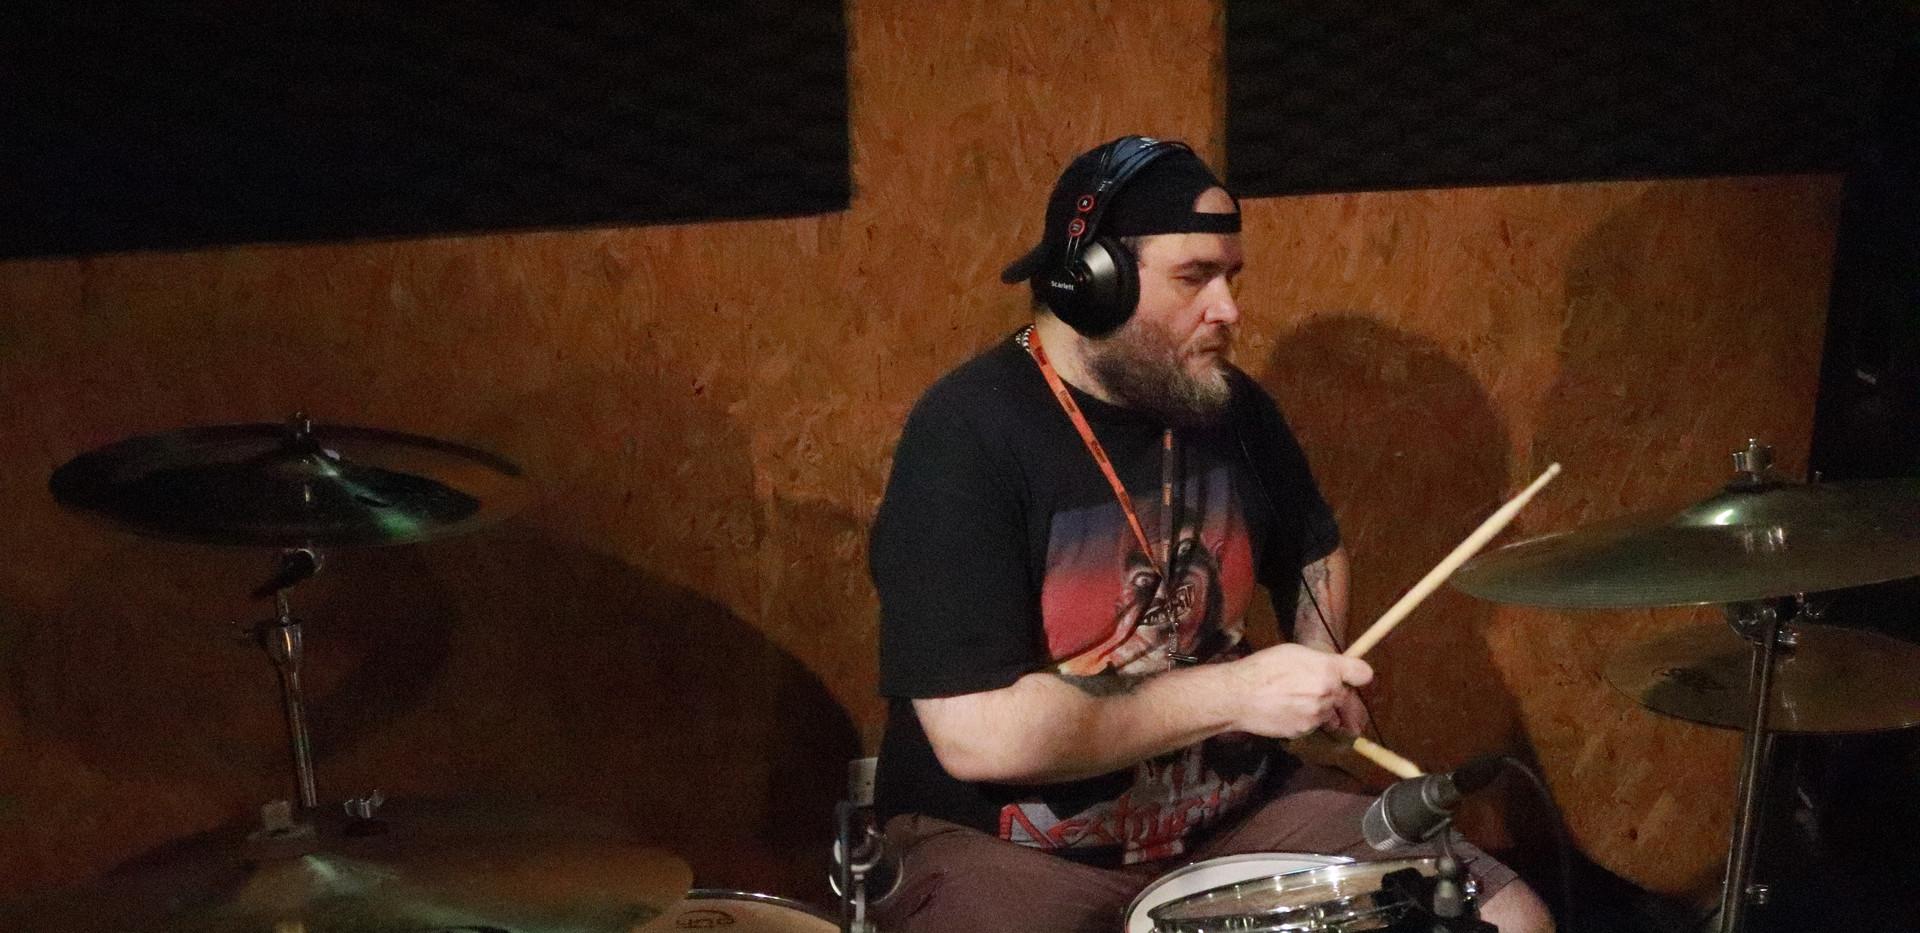 Alex Mello, baterista da banda Trendkill Inc.